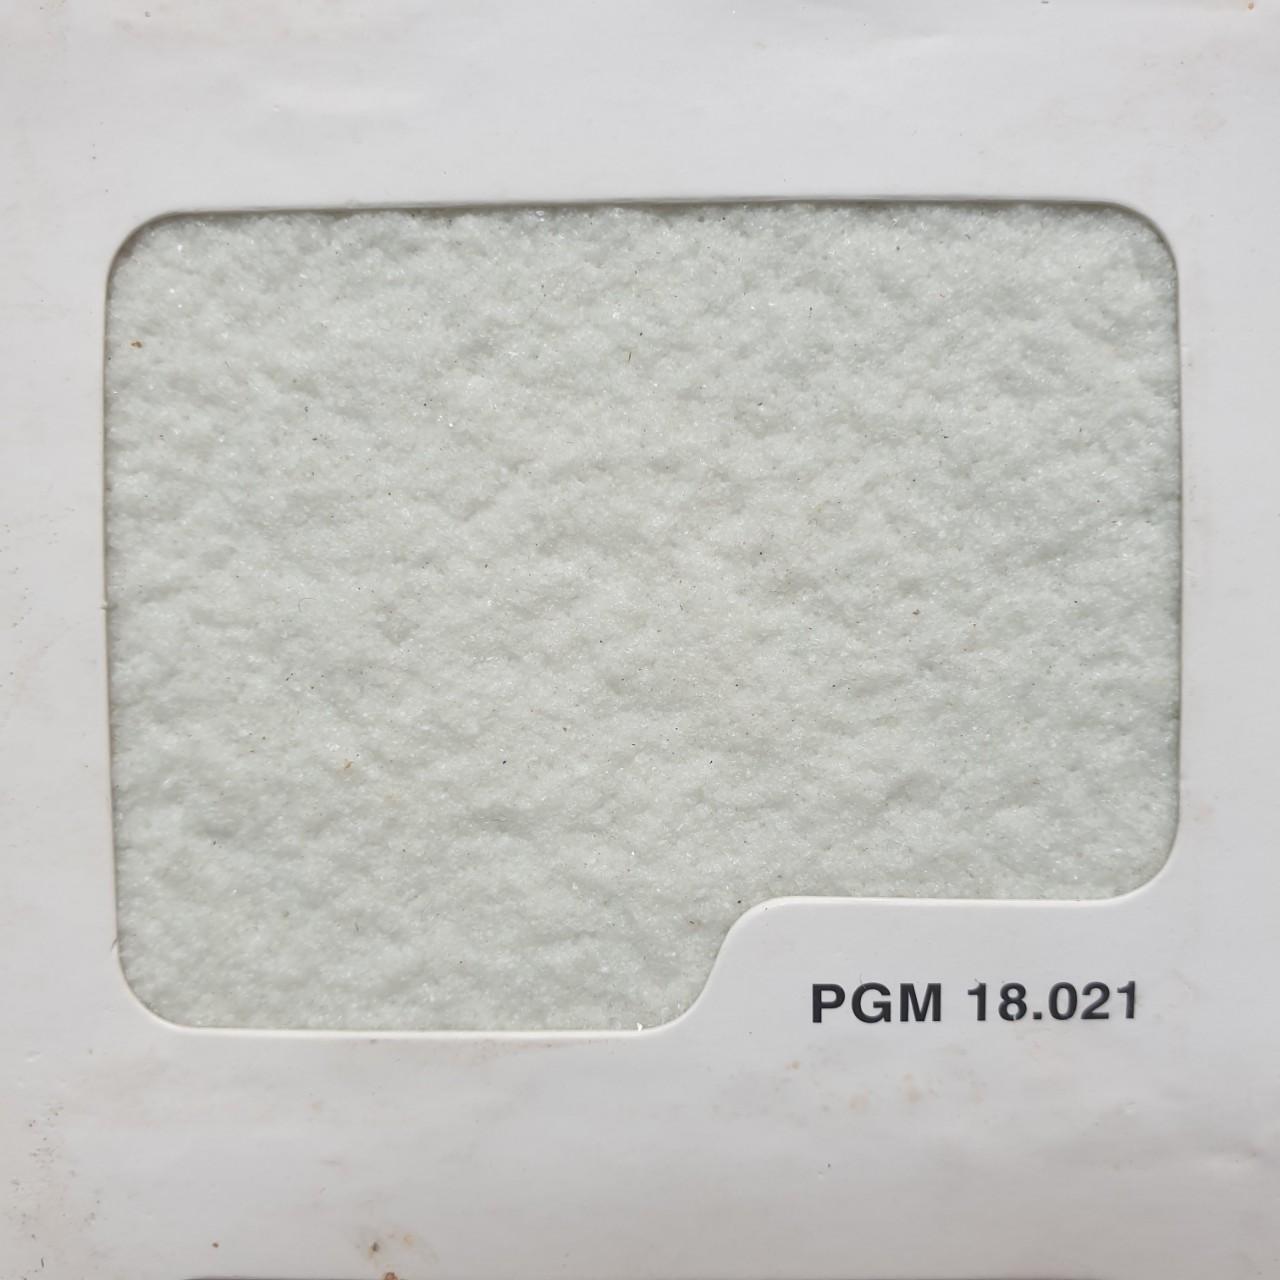 PGM 18.021